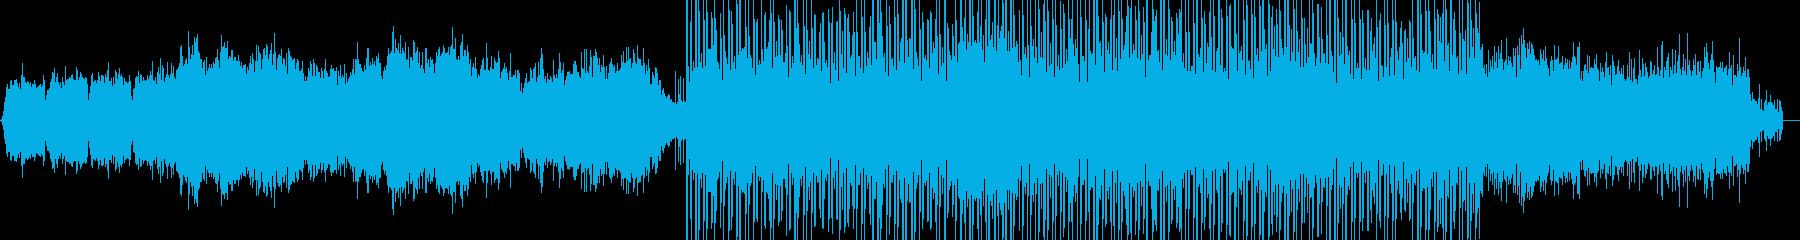 近未来的な雰囲気 1:20からリズム有りの再生済みの波形